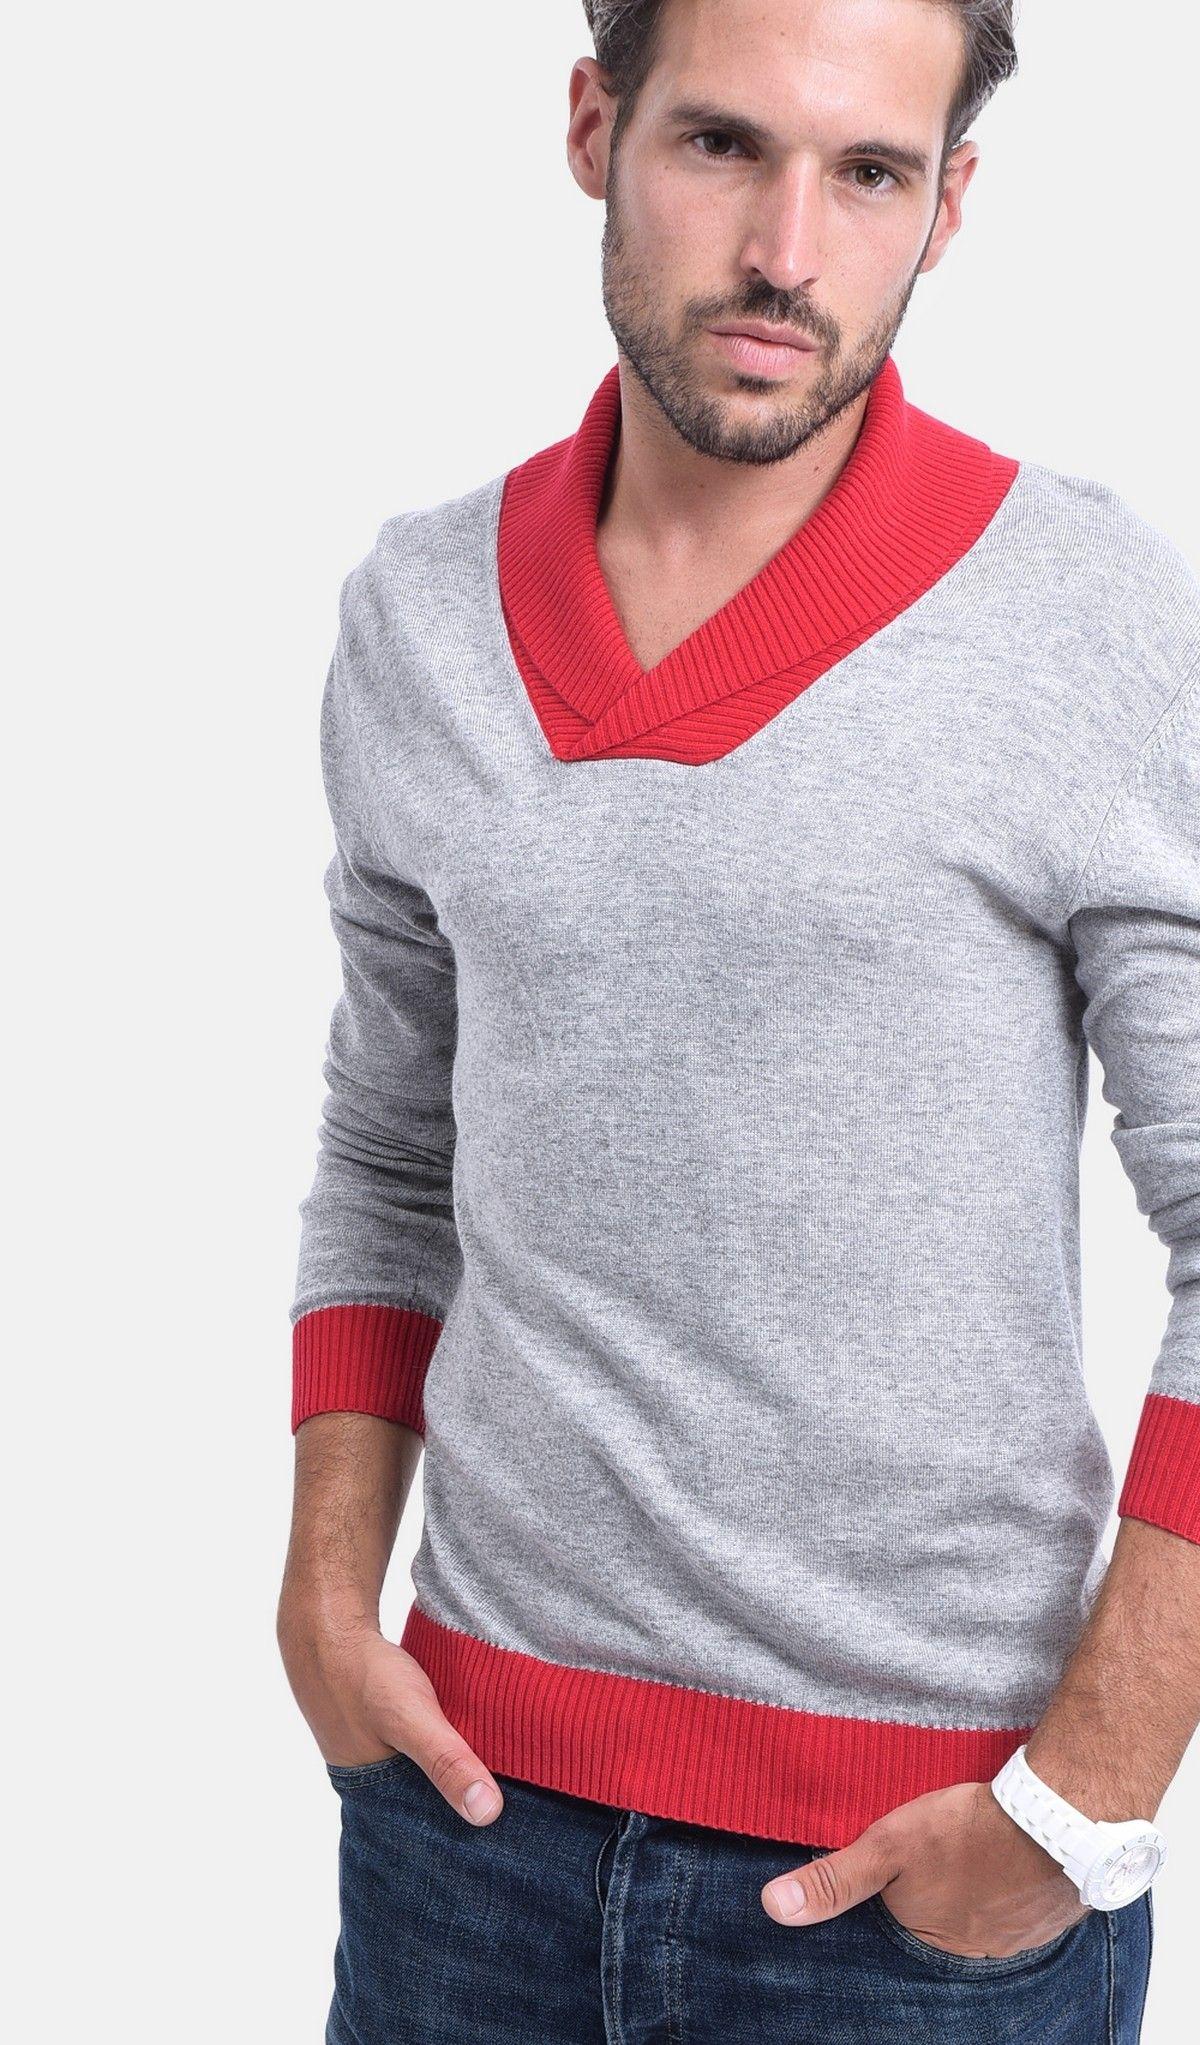 C&JO Two-tone Shawl Collar Sweater in Grey